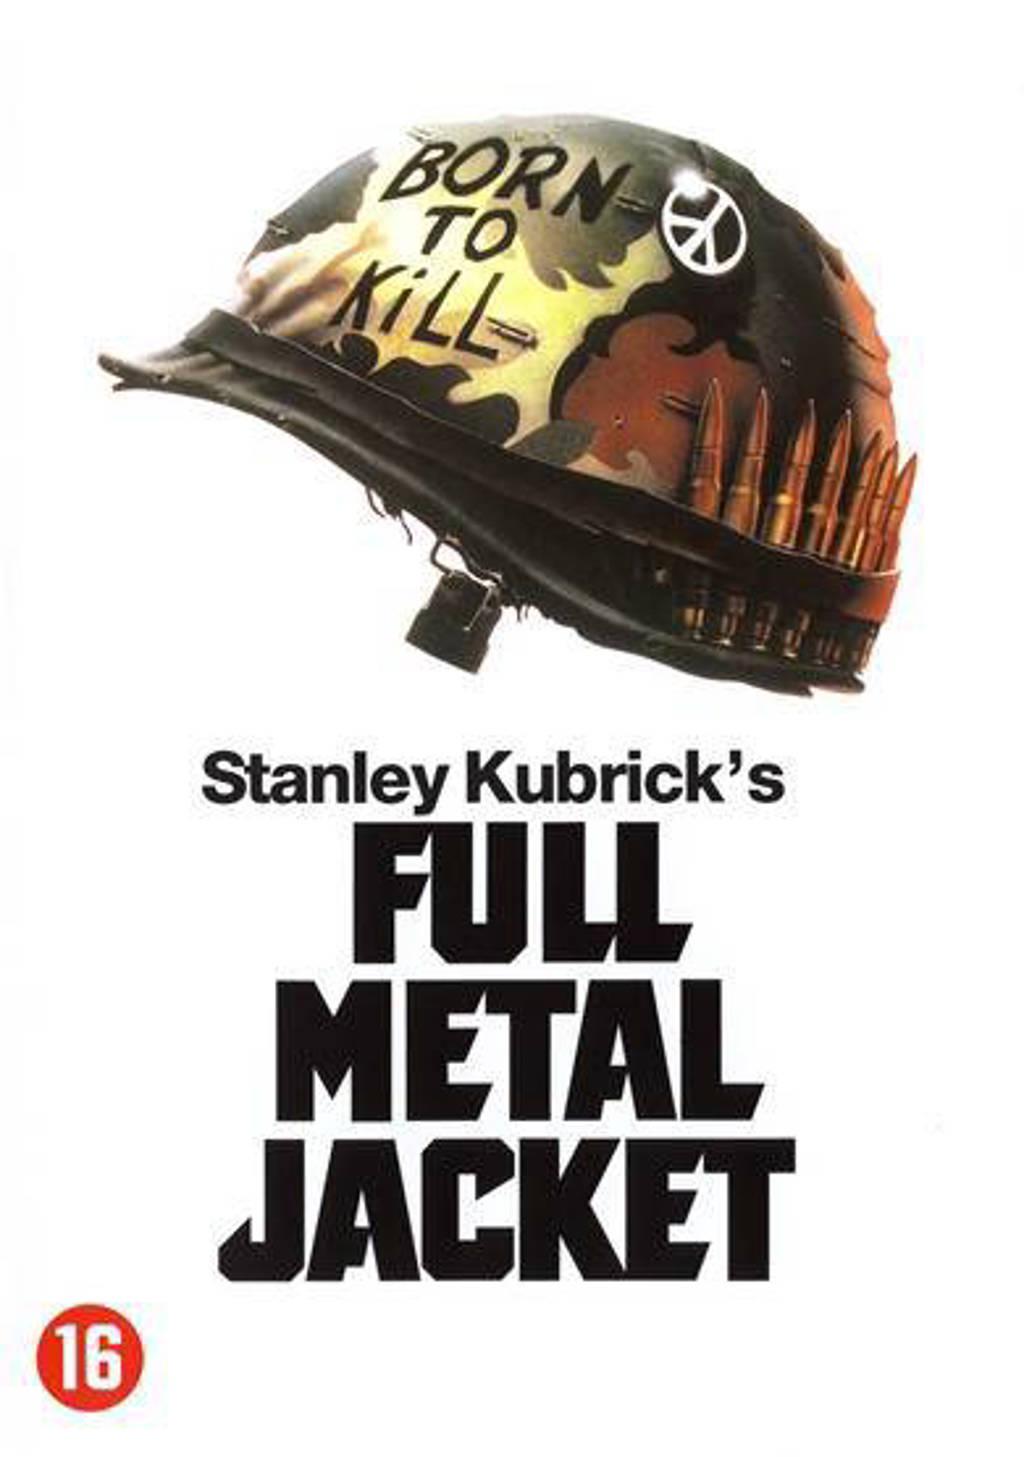 Full metal jacket (DVD)